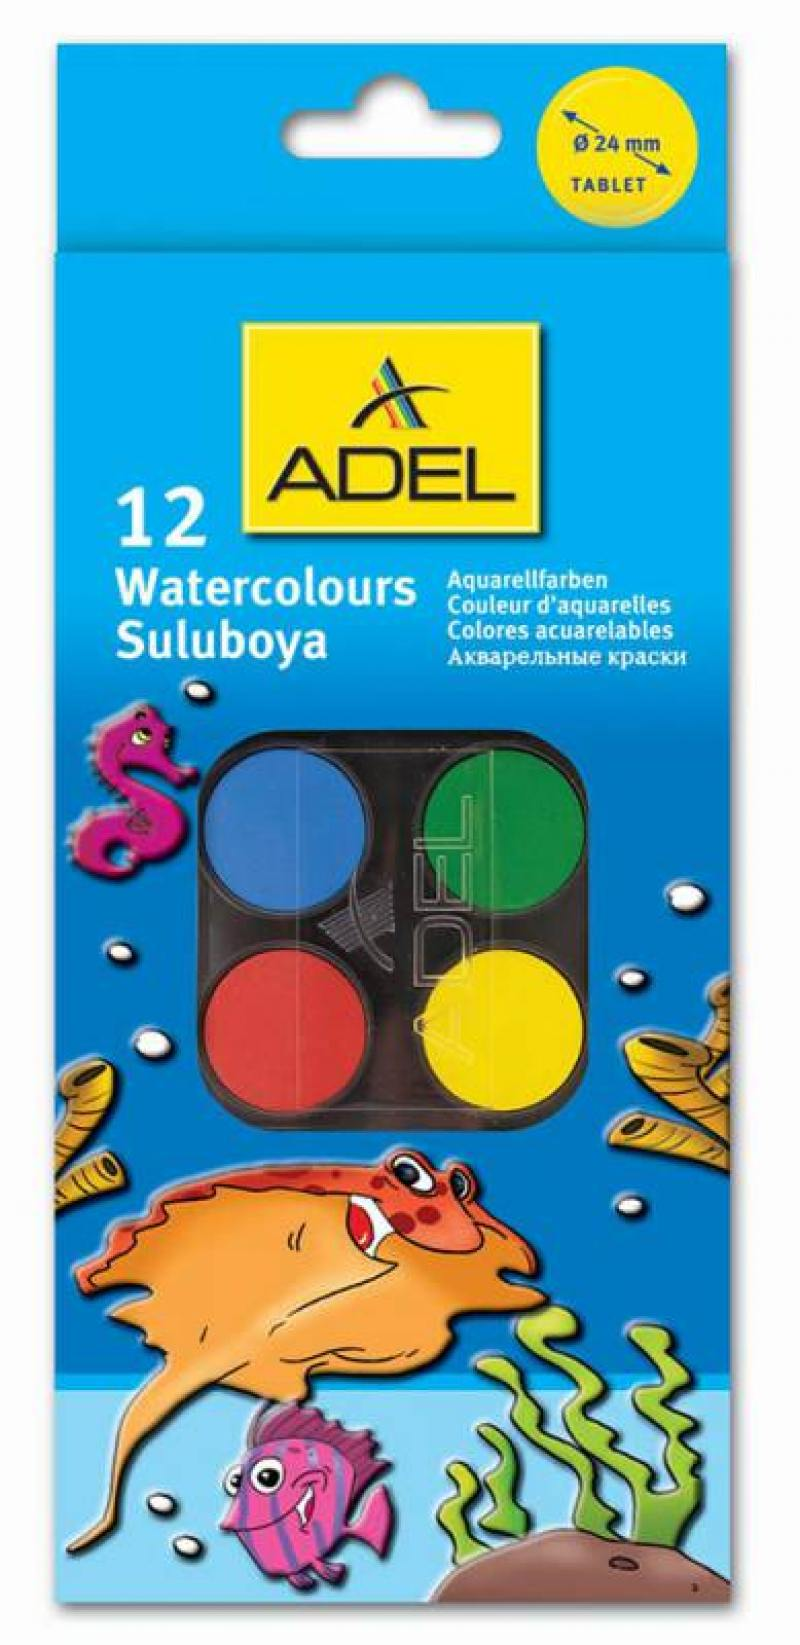 Акварель Adel 229-0933-000 12 цветов акварель action aci awp 12 2 12 цветов aci awp 12 2